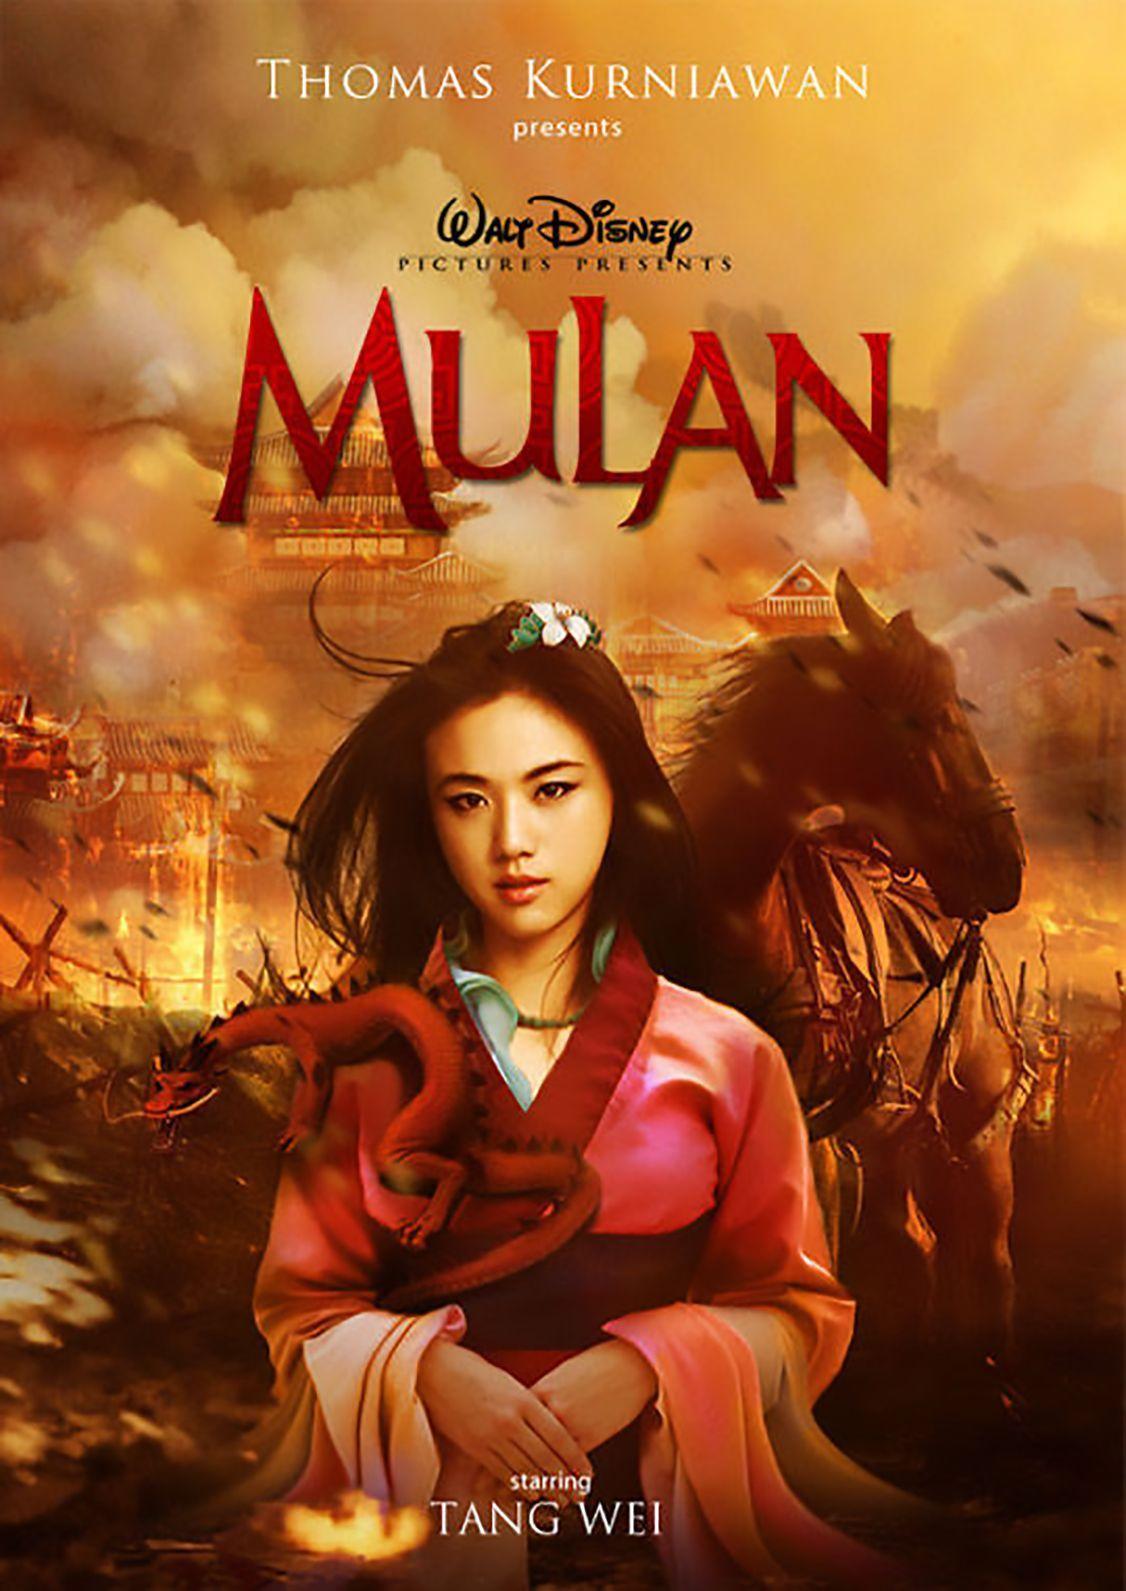 Poster de la pelicula live action de Disney Mulan